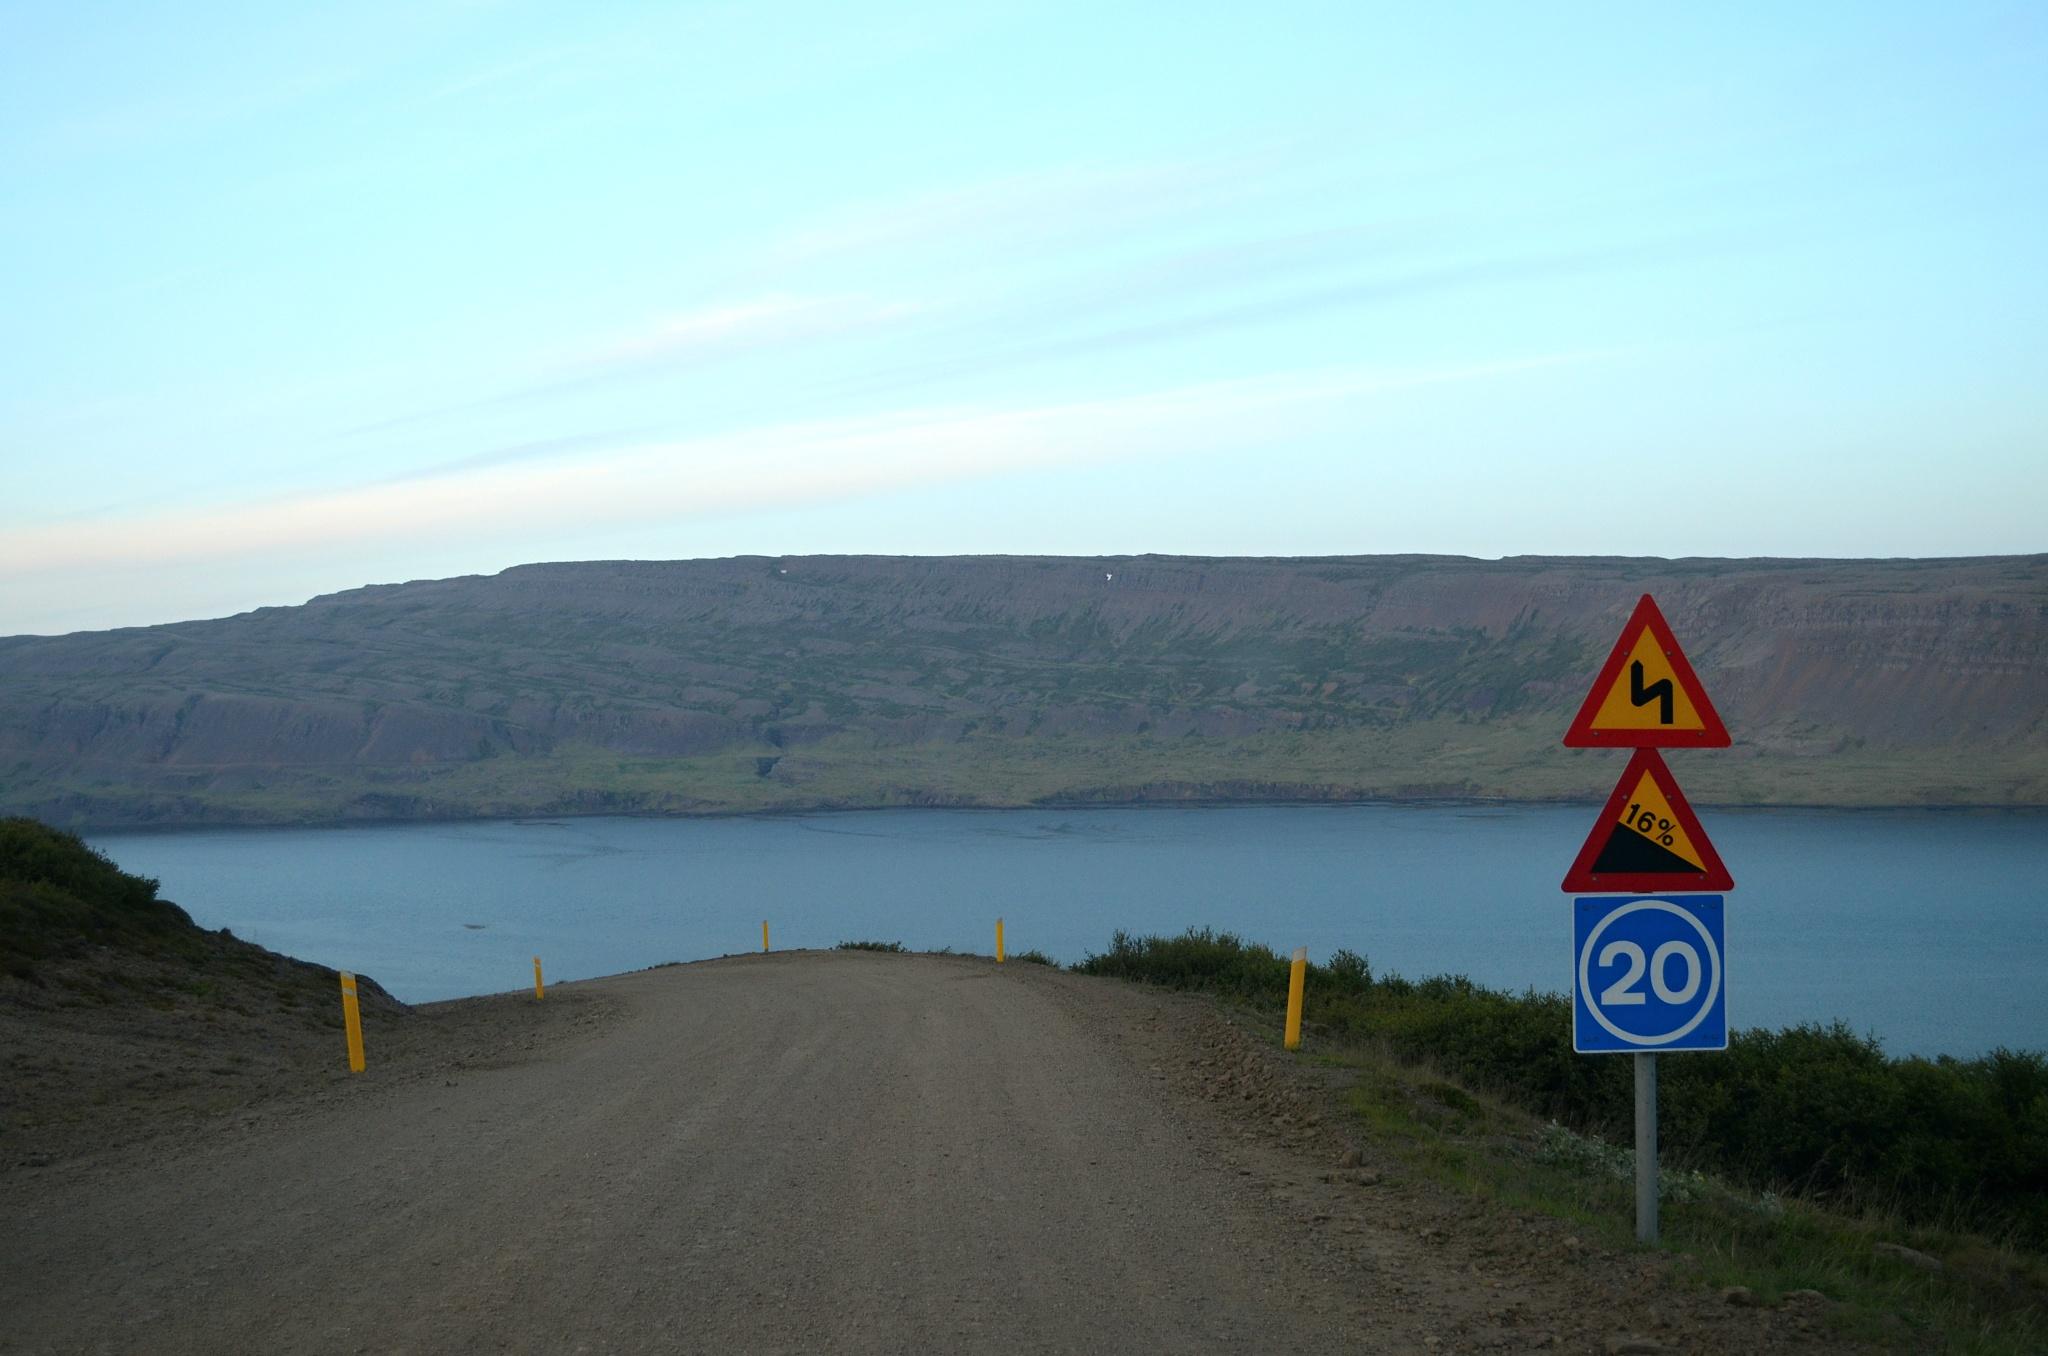 20km/h je na tuto silnici až moc